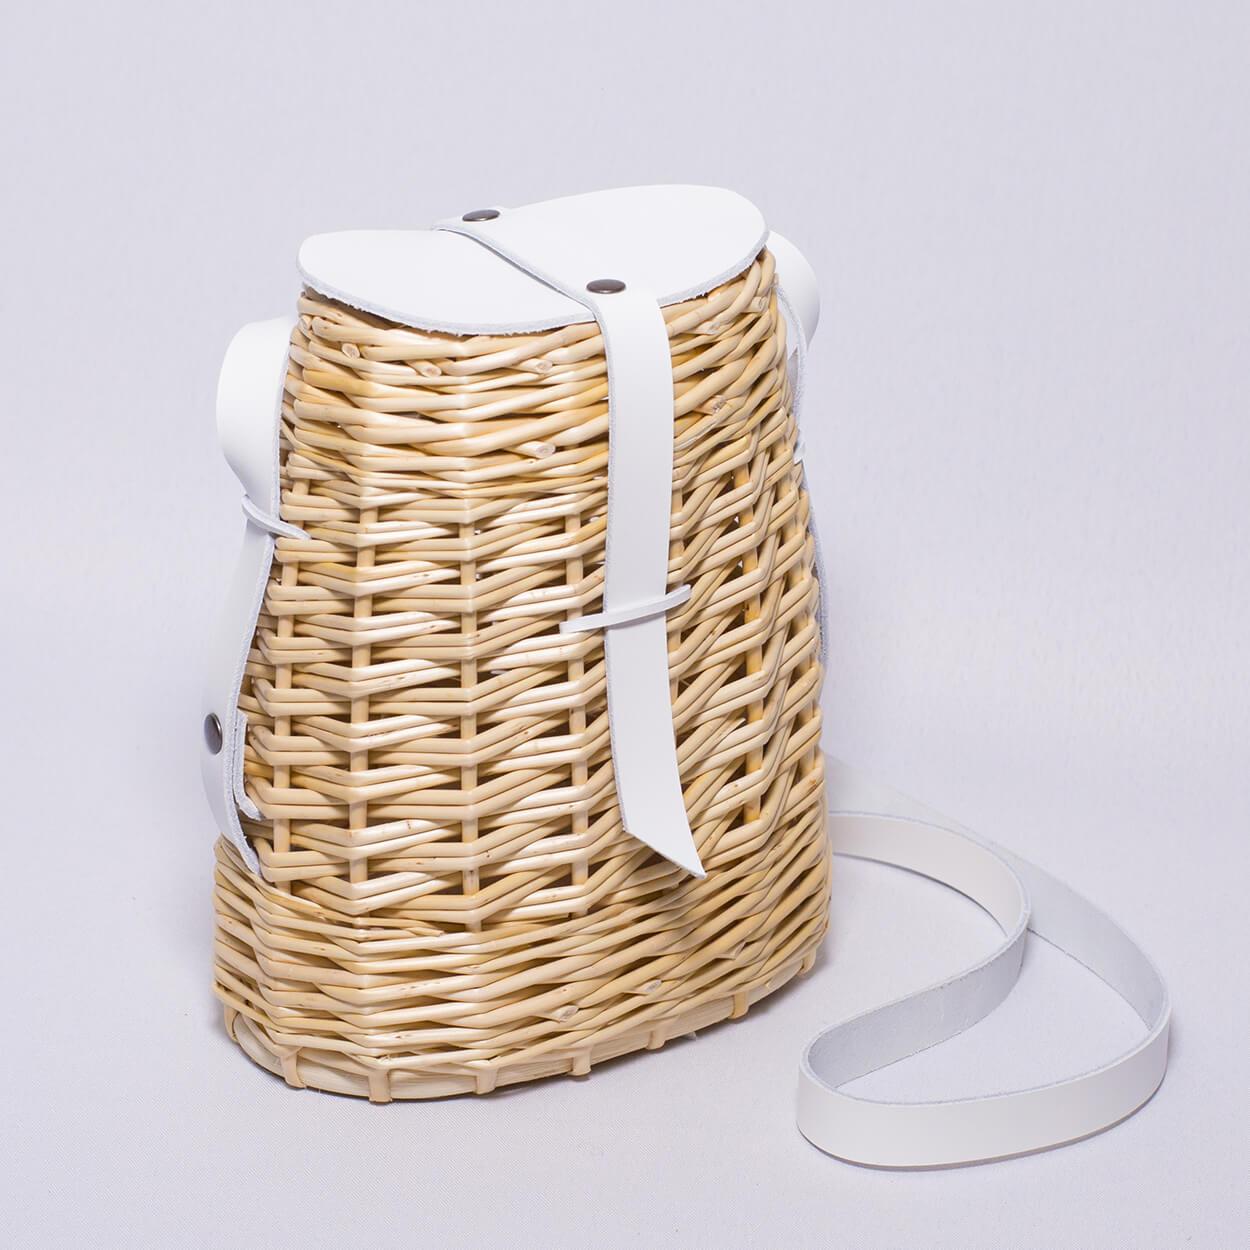 La besace sac à main en osier et cuire de couleur blanc